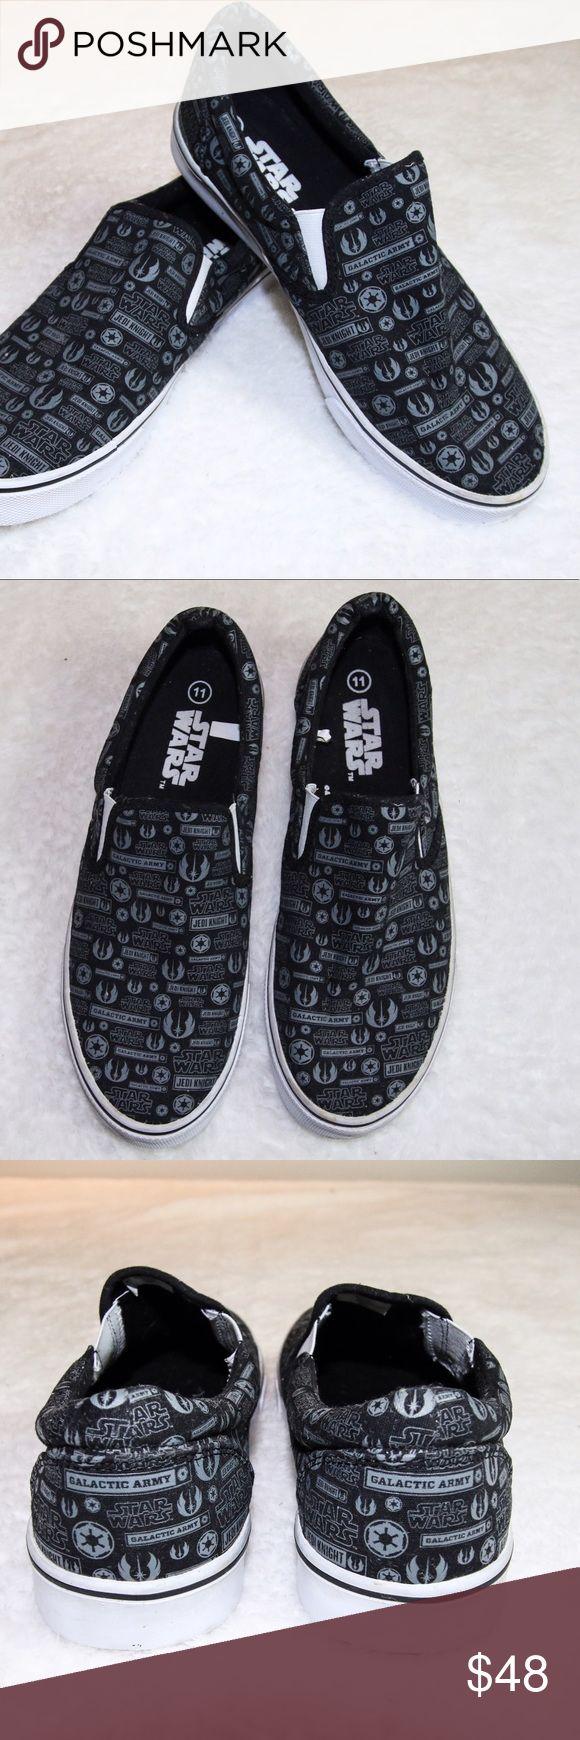 STAR WARS Lucas films Mens sneakers sz 11 Star Wars by Lucas films Men's slip on sneaker  sz 11  Great Condition Star Wars Shoes Sneakers